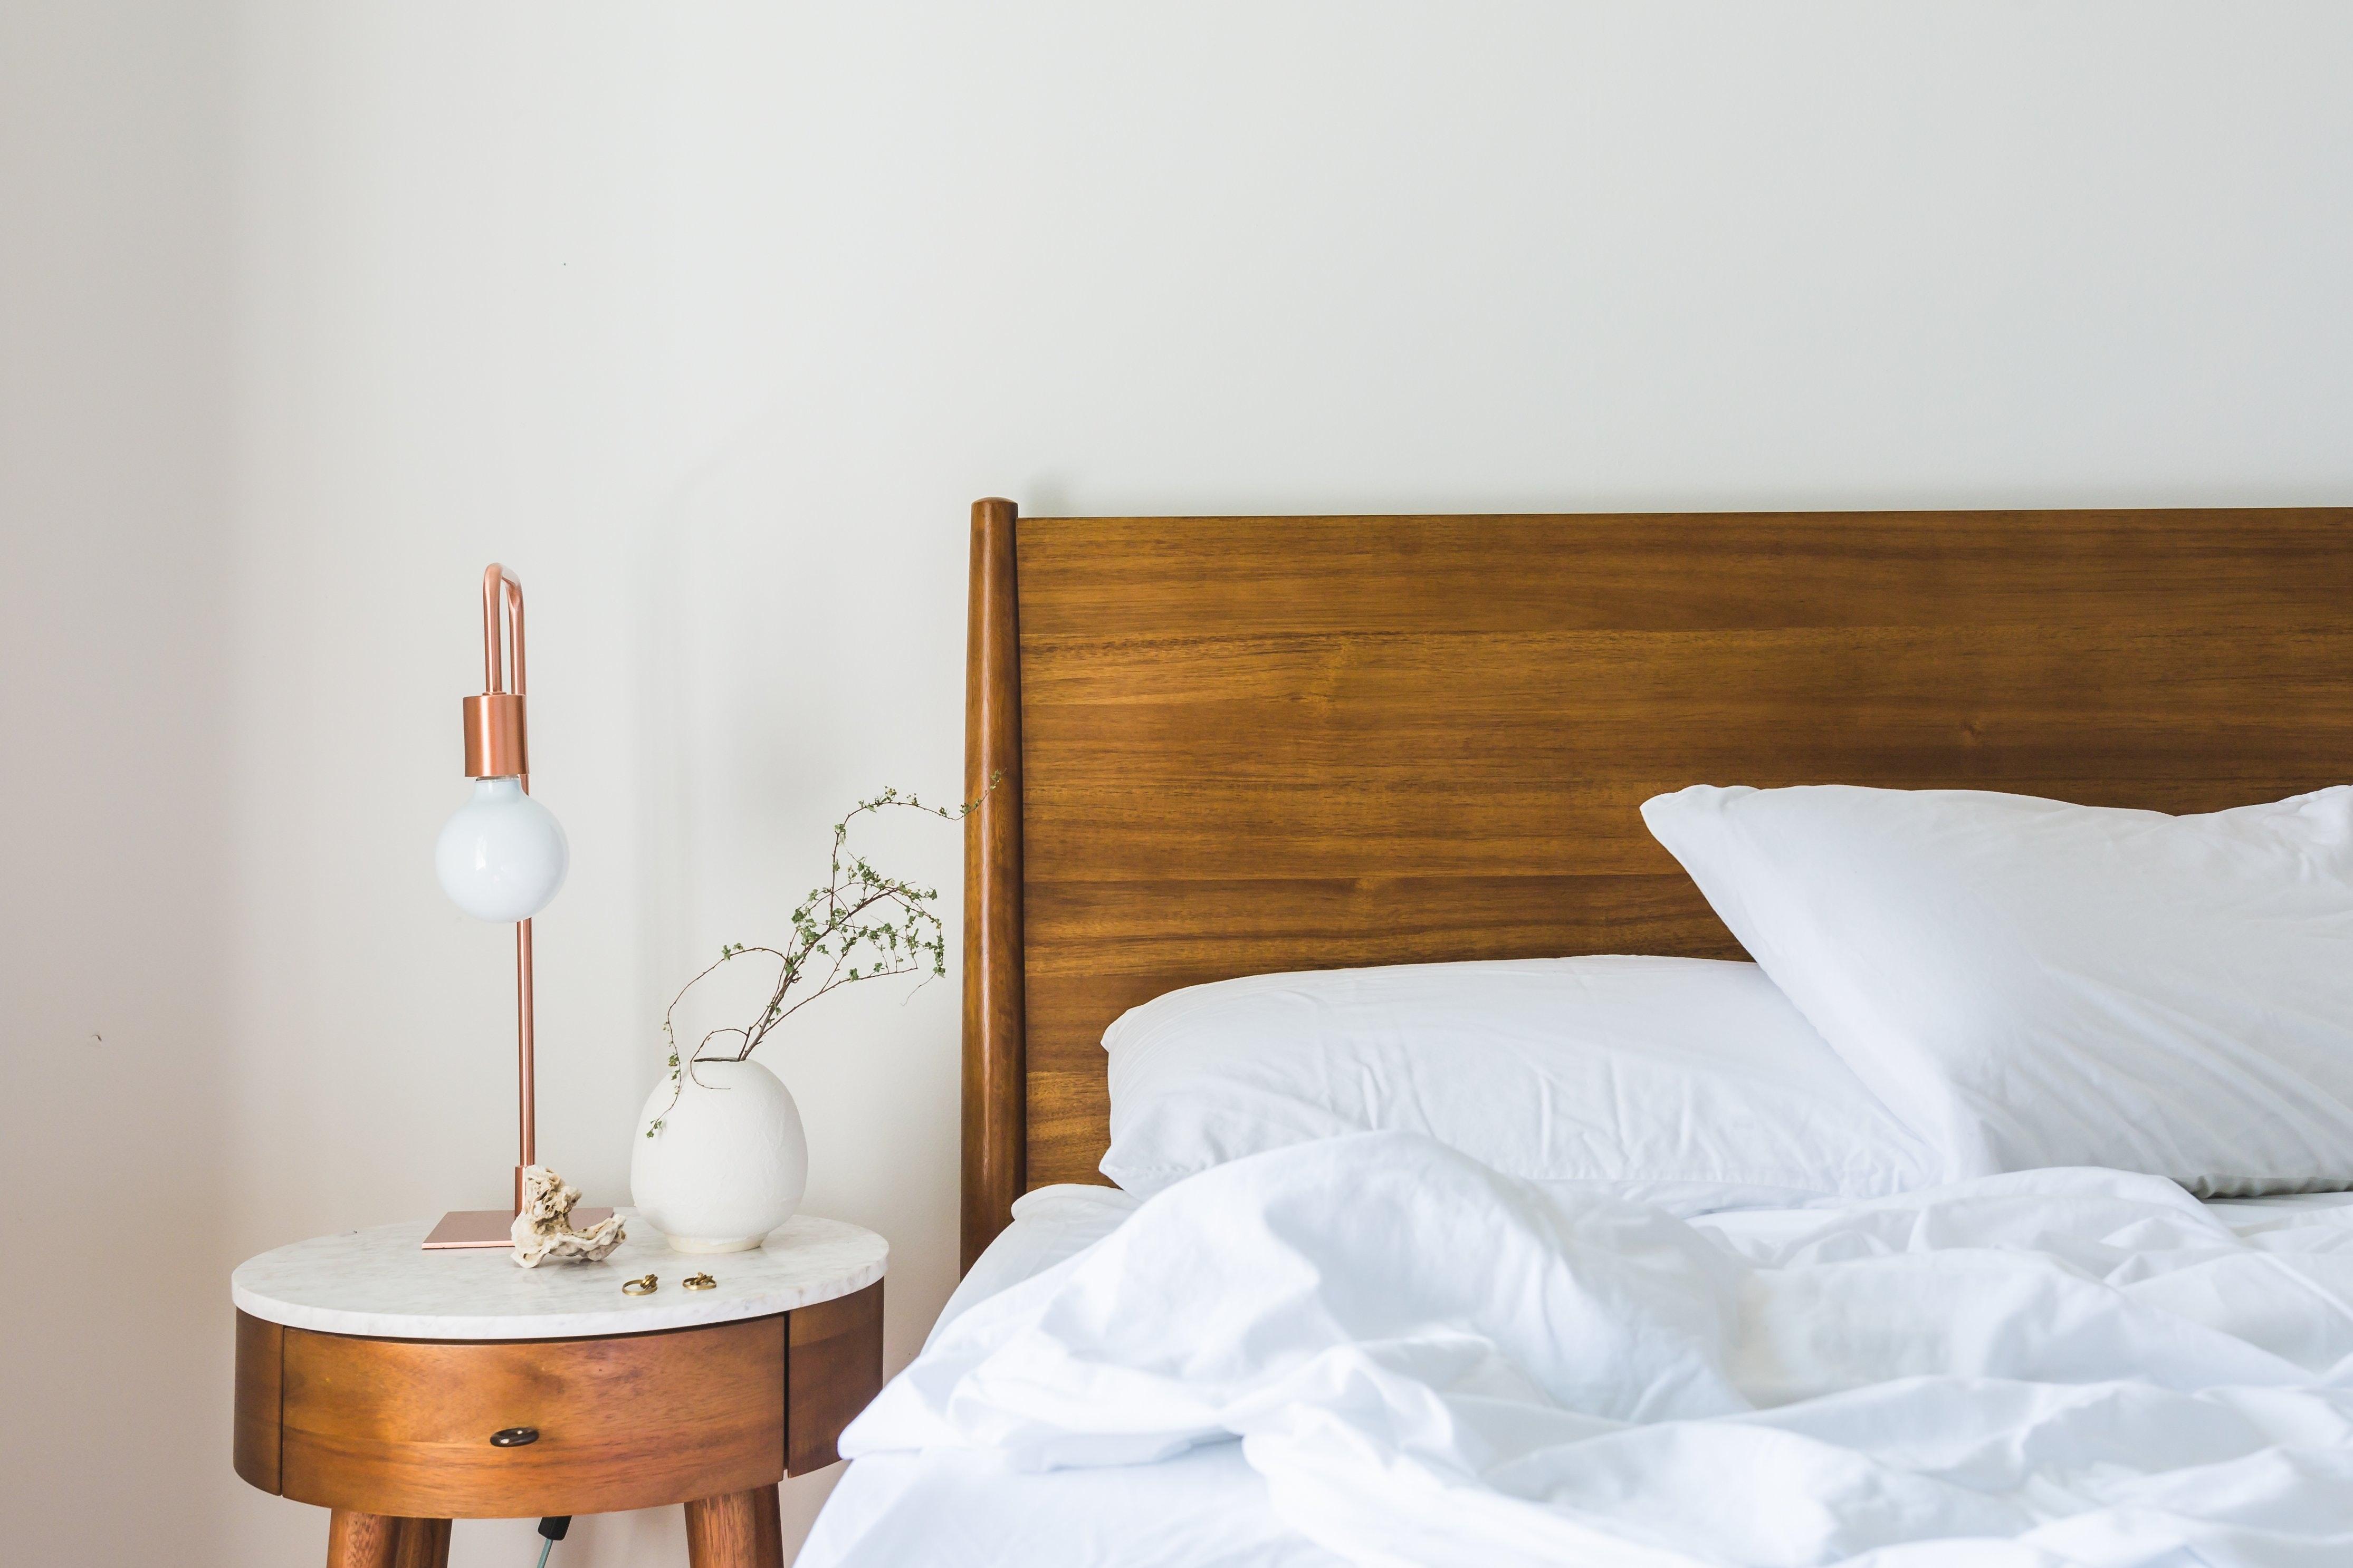 bett bilder finest bett tana with bett bilder bett bine fr zwei kinder jakoo natur with bett. Black Bedroom Furniture Sets. Home Design Ideas